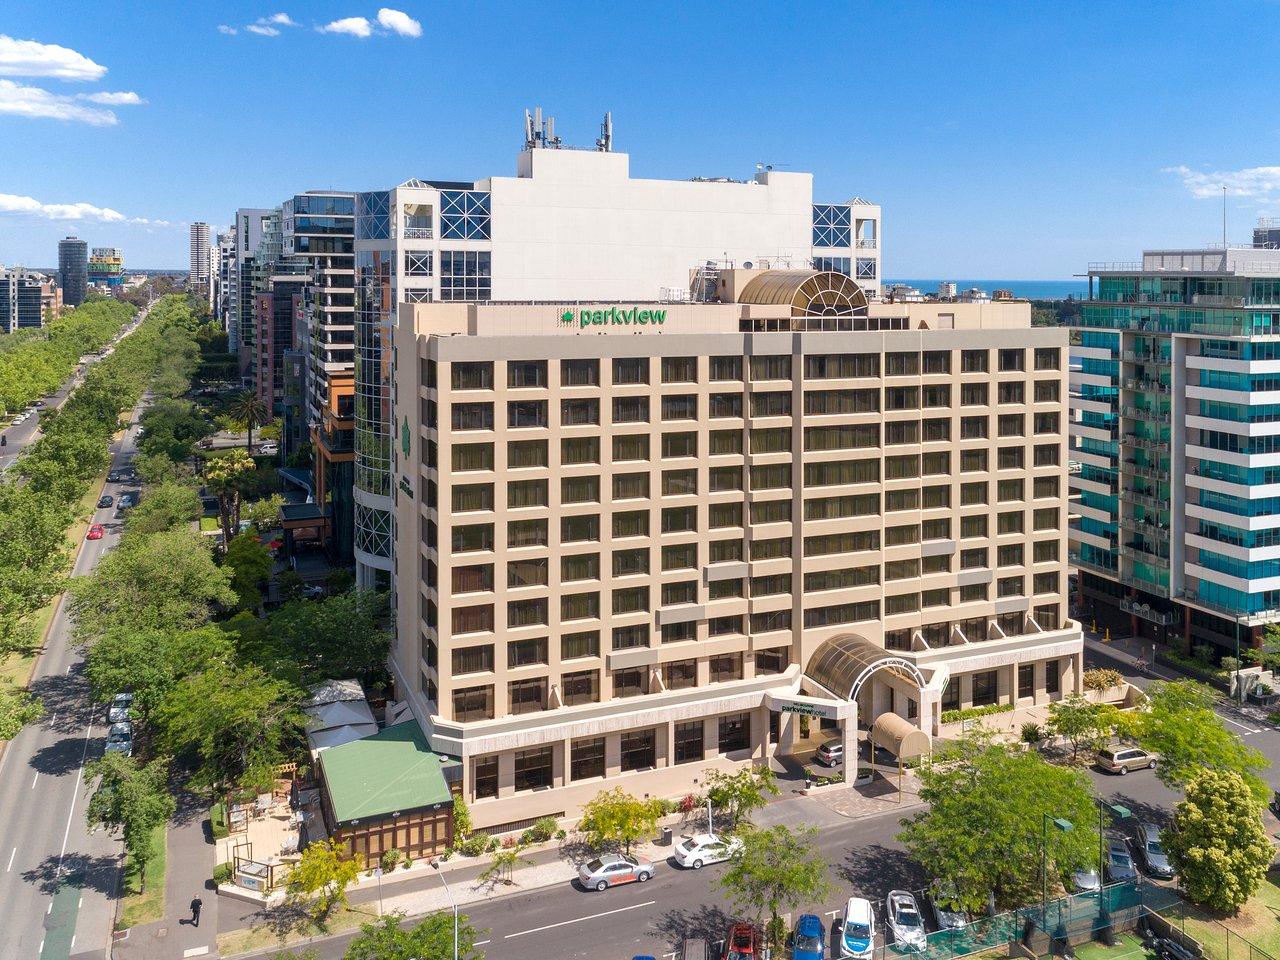 melbourne parkview hotel au 121 2019 prices reviews photos of rh tripadvisor com au